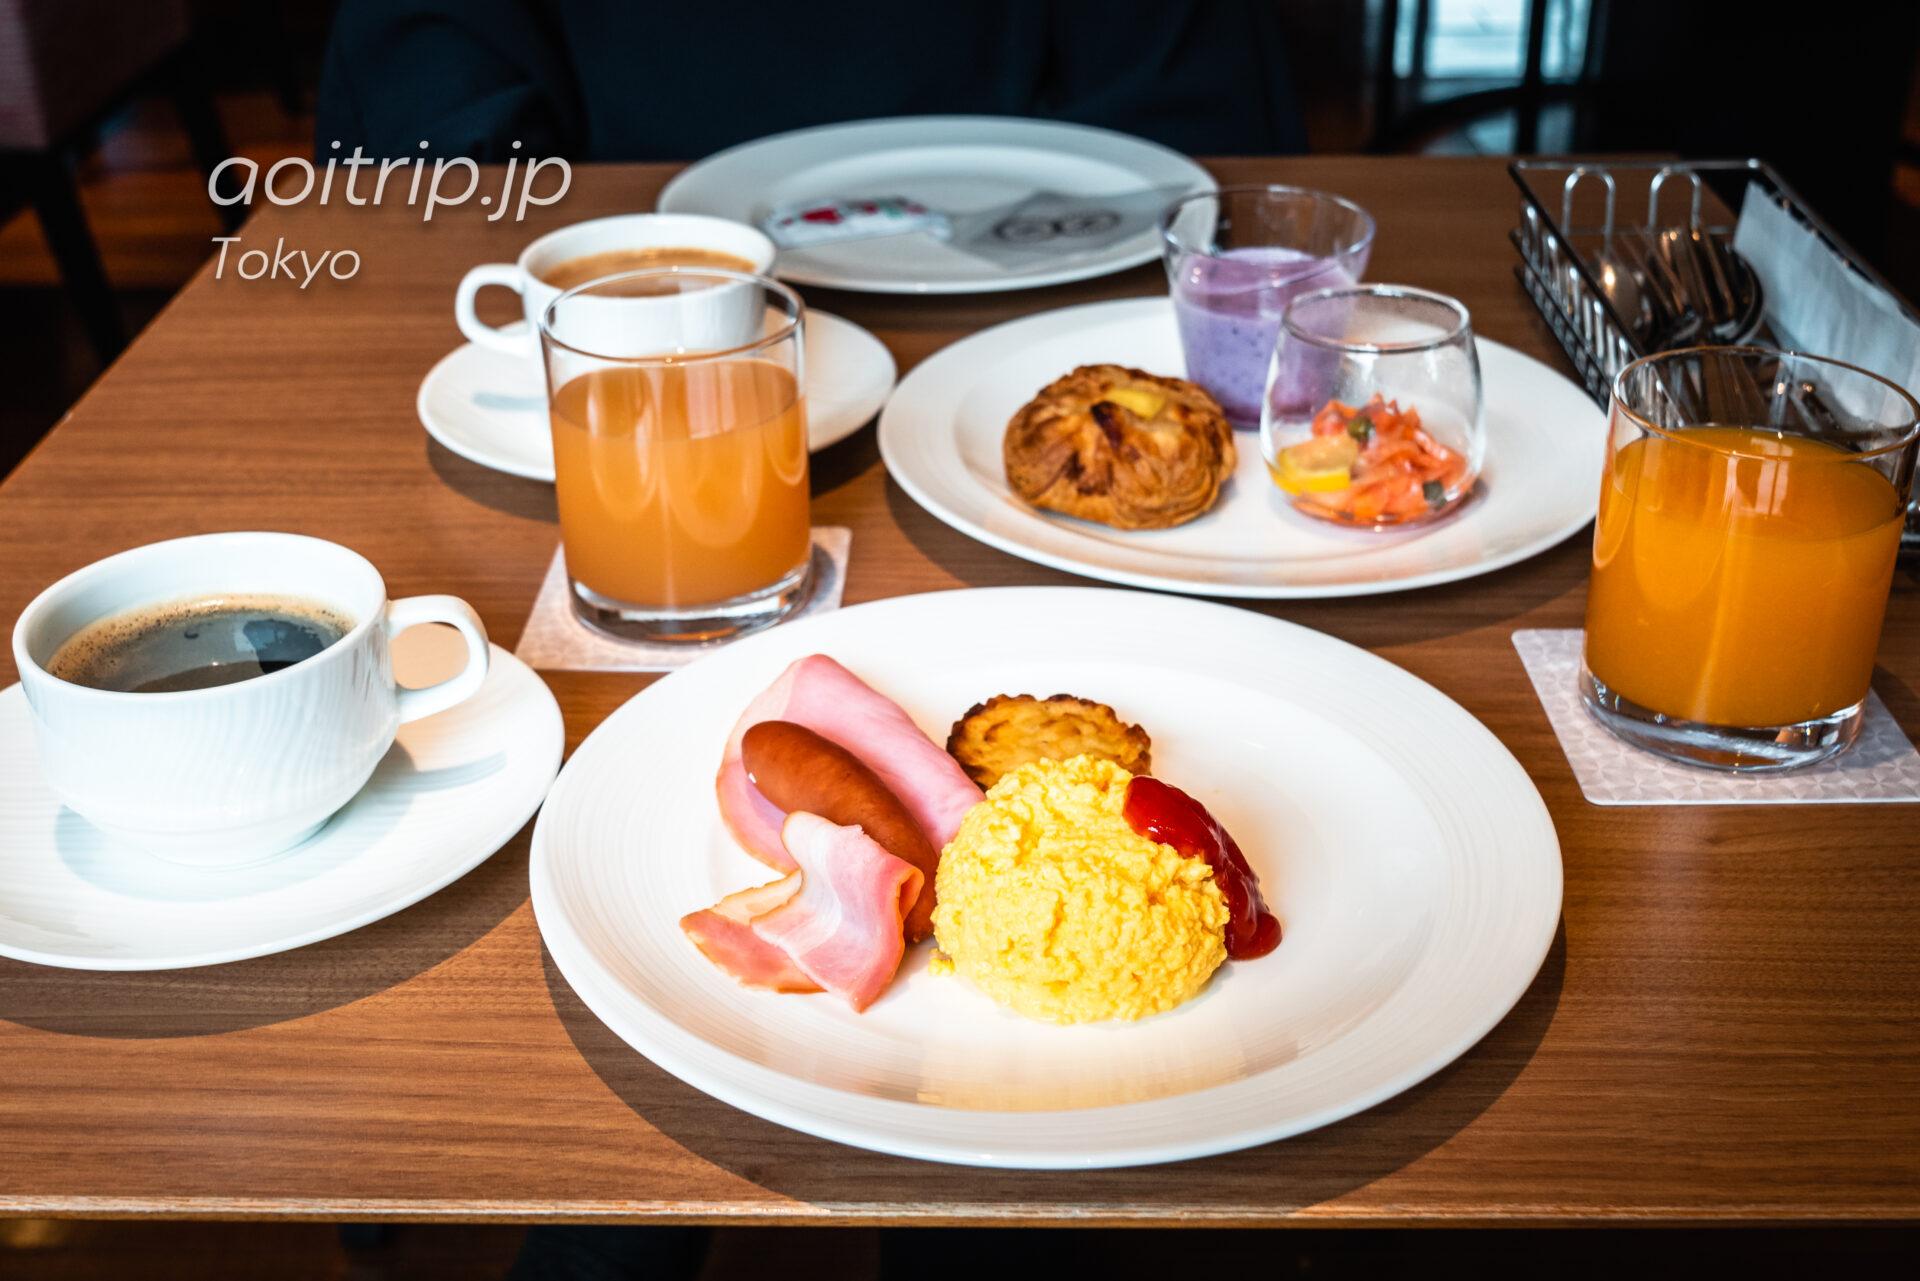 シェラトン都ホテル東京(Sheraton Miyako Hotel Tokyo)クラブラウンジ Club Lounge 朝食